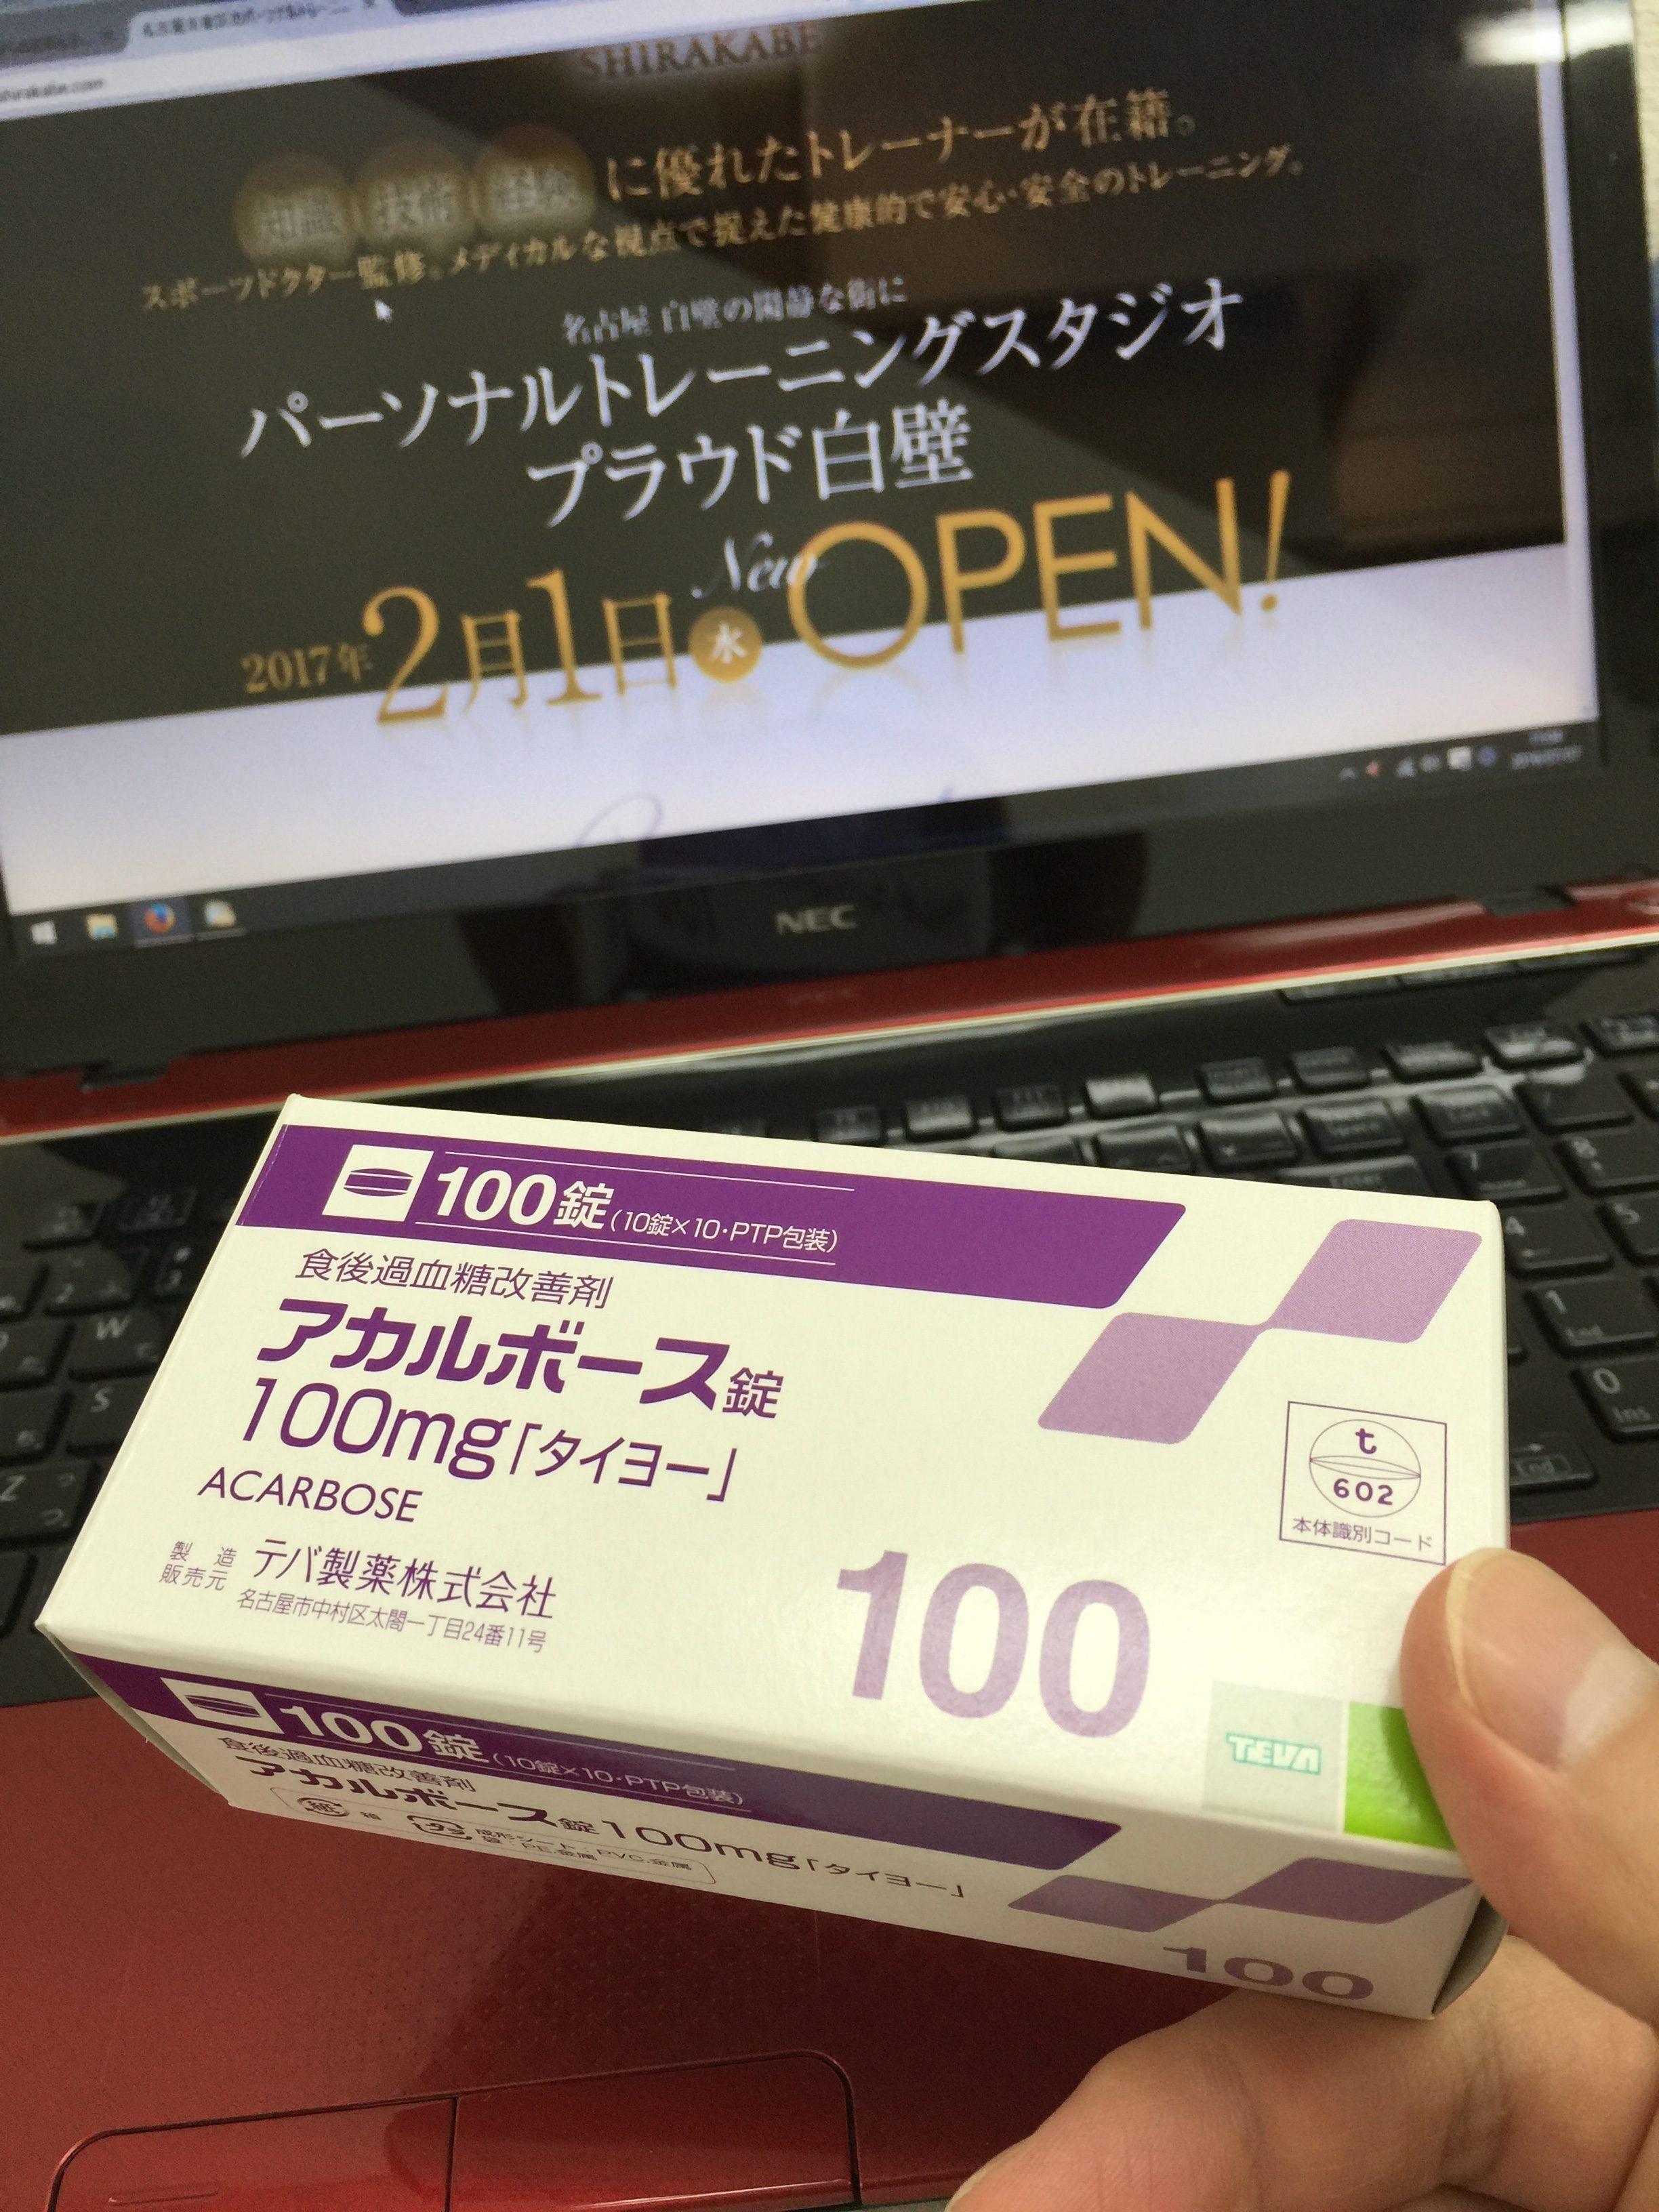 薬によるダイエットはとても危険です。お薬は必ず医師の処方が必須です。輸入ダイエット薬などは絶対に使わないようにしましょう。